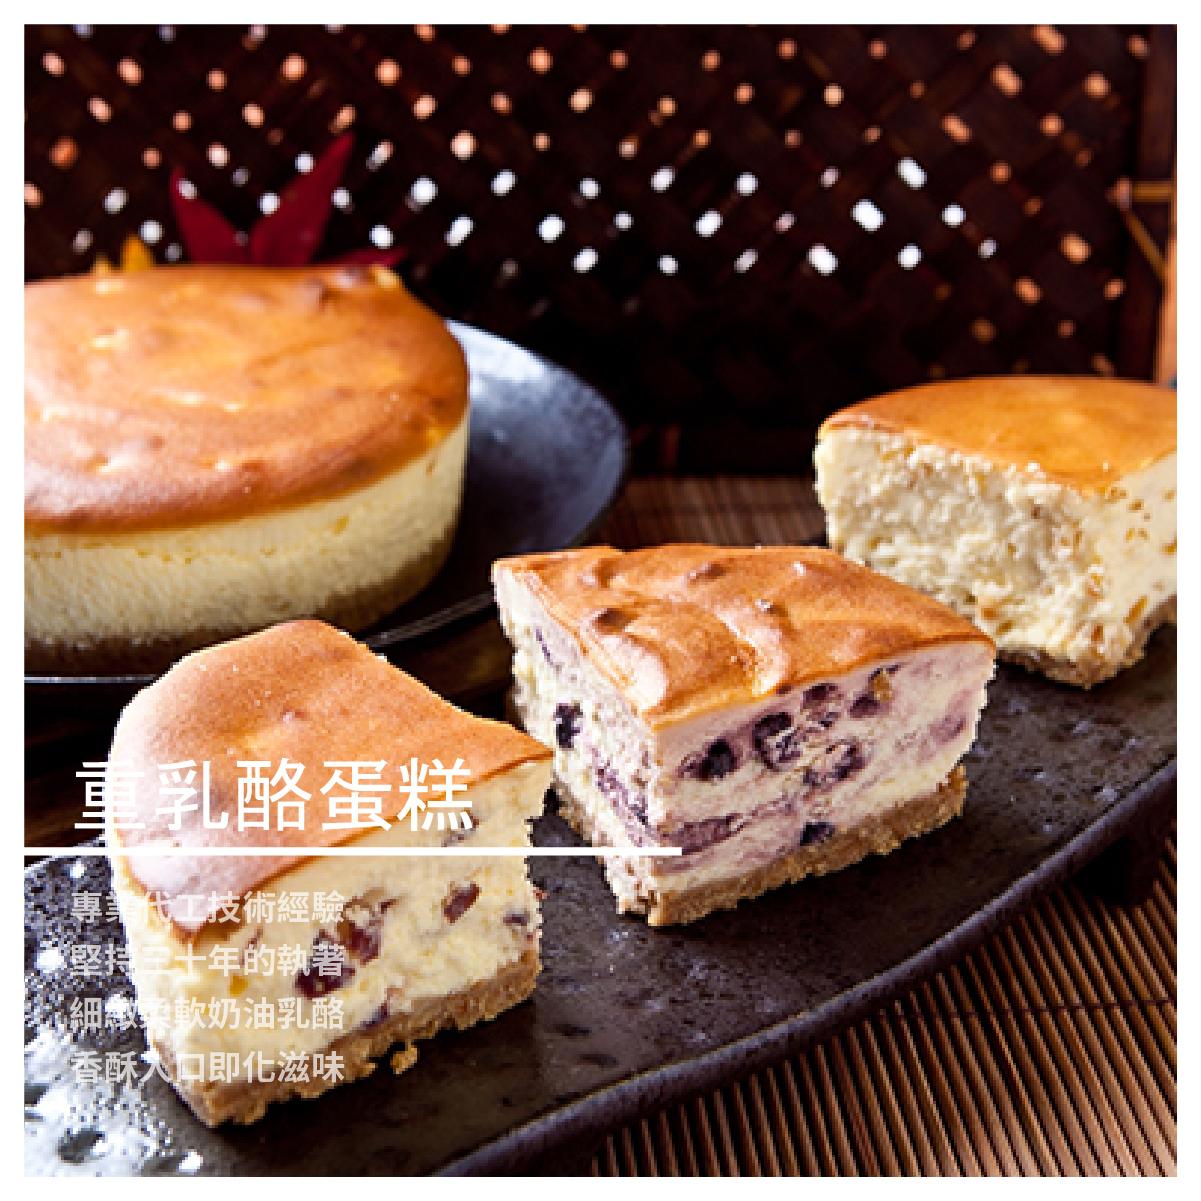 【廣和蓁食品】重乳酪蛋糕/400g/盒/四款口味